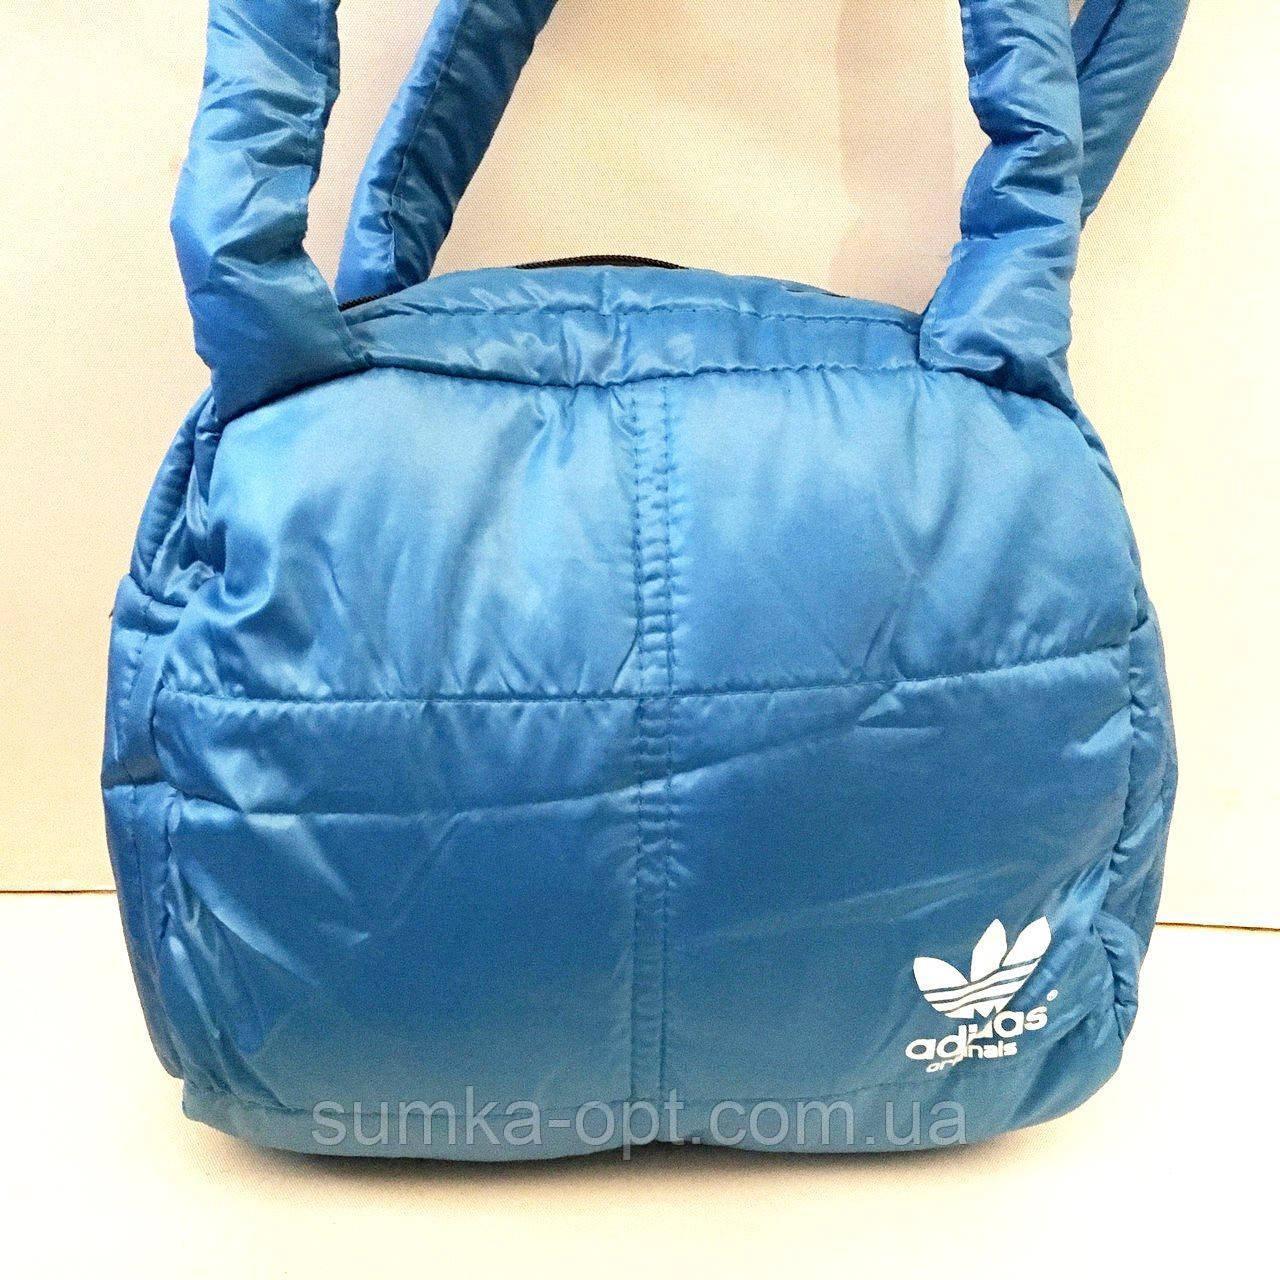 Дутые СПОРТИВНЫЕ сумки под пуховик Adidas МАЛ (ГОЛУБОЙ-БЕЛ)25*28см